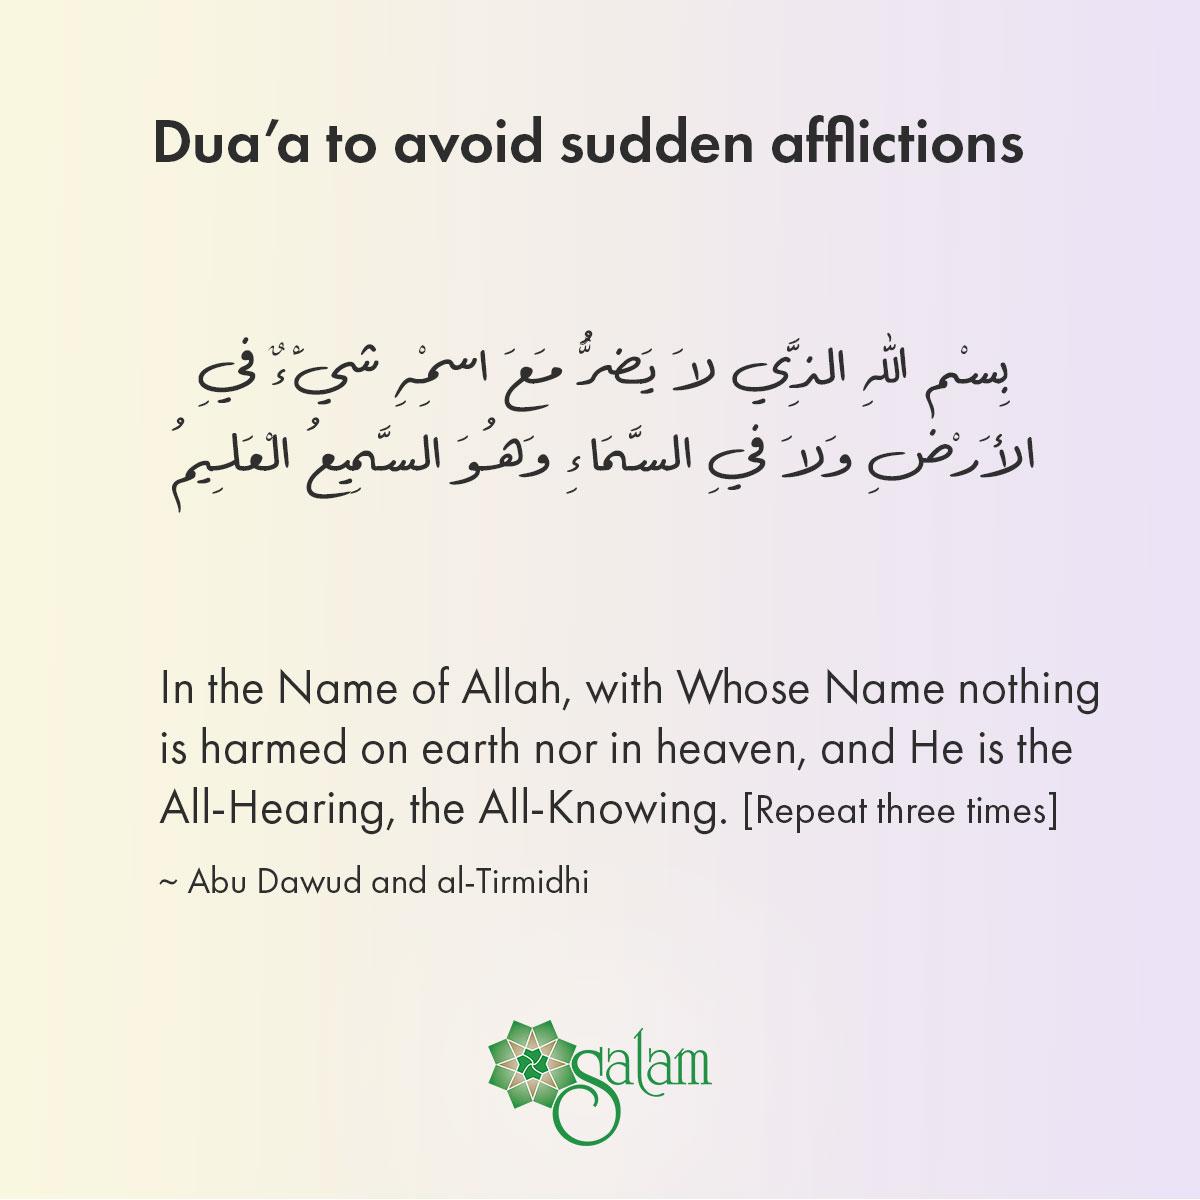 Duaa to avoid sudden afflictions